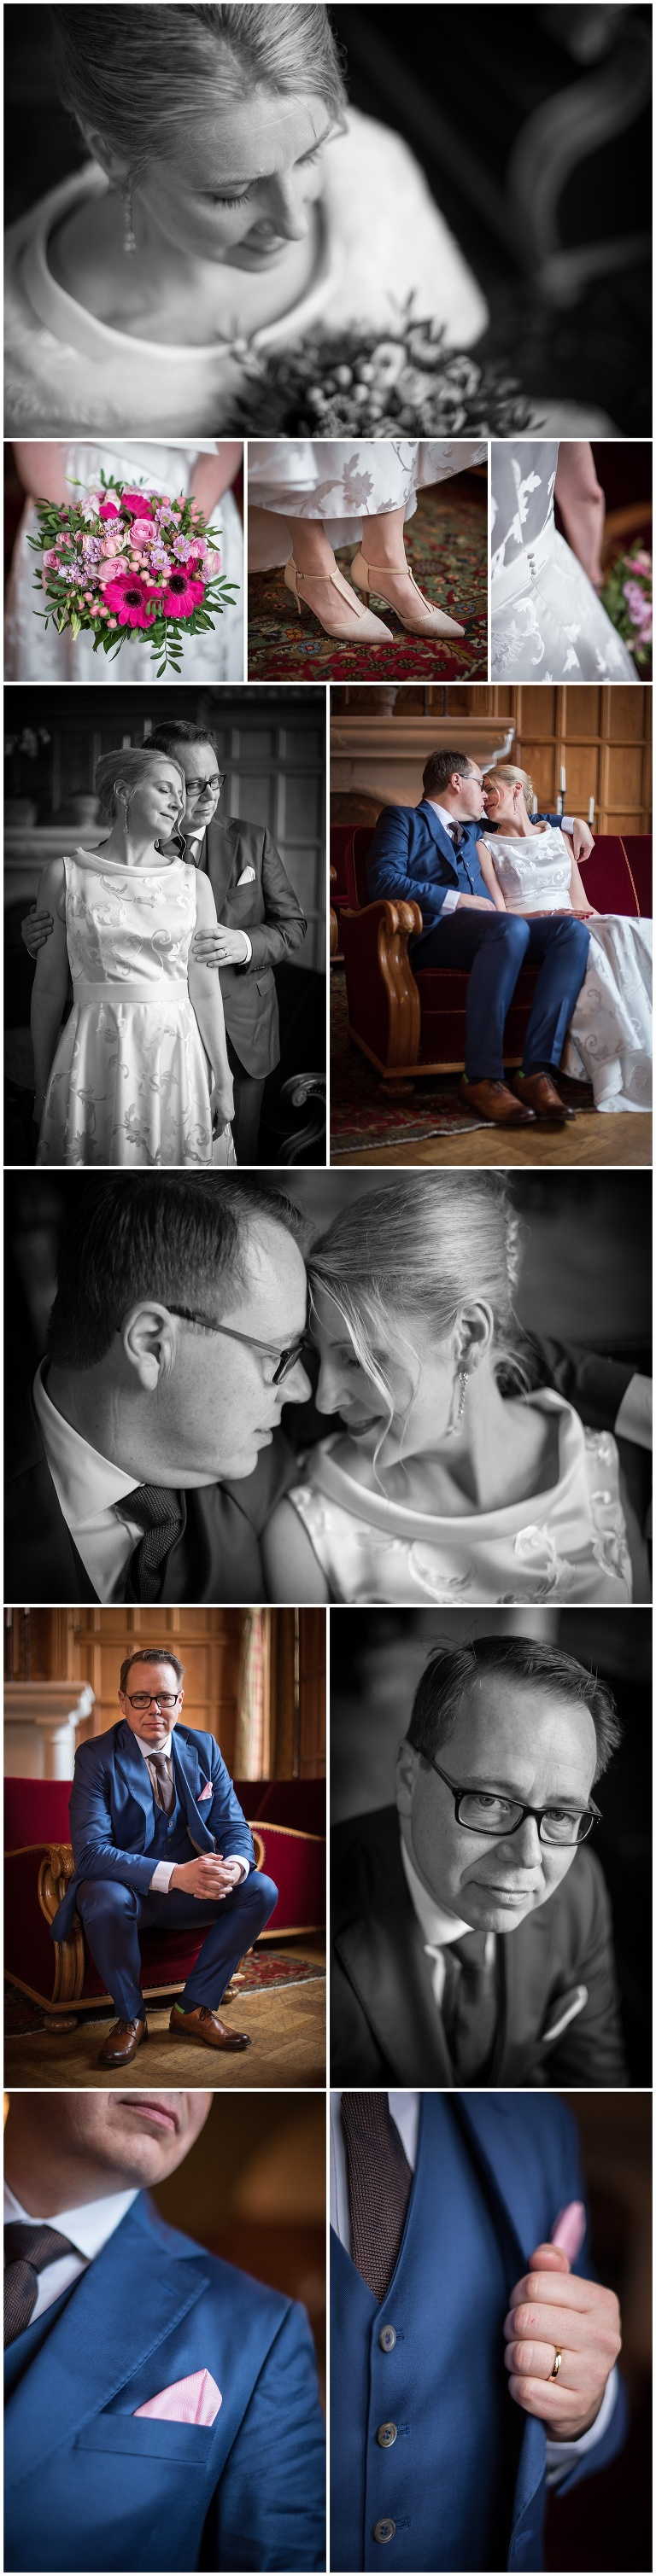 fotograflottajohansson-brollopsfotograf-fotograf-brollop-orenasslott-skane-glumslov-helsingborg-portrattinomhus.jpg